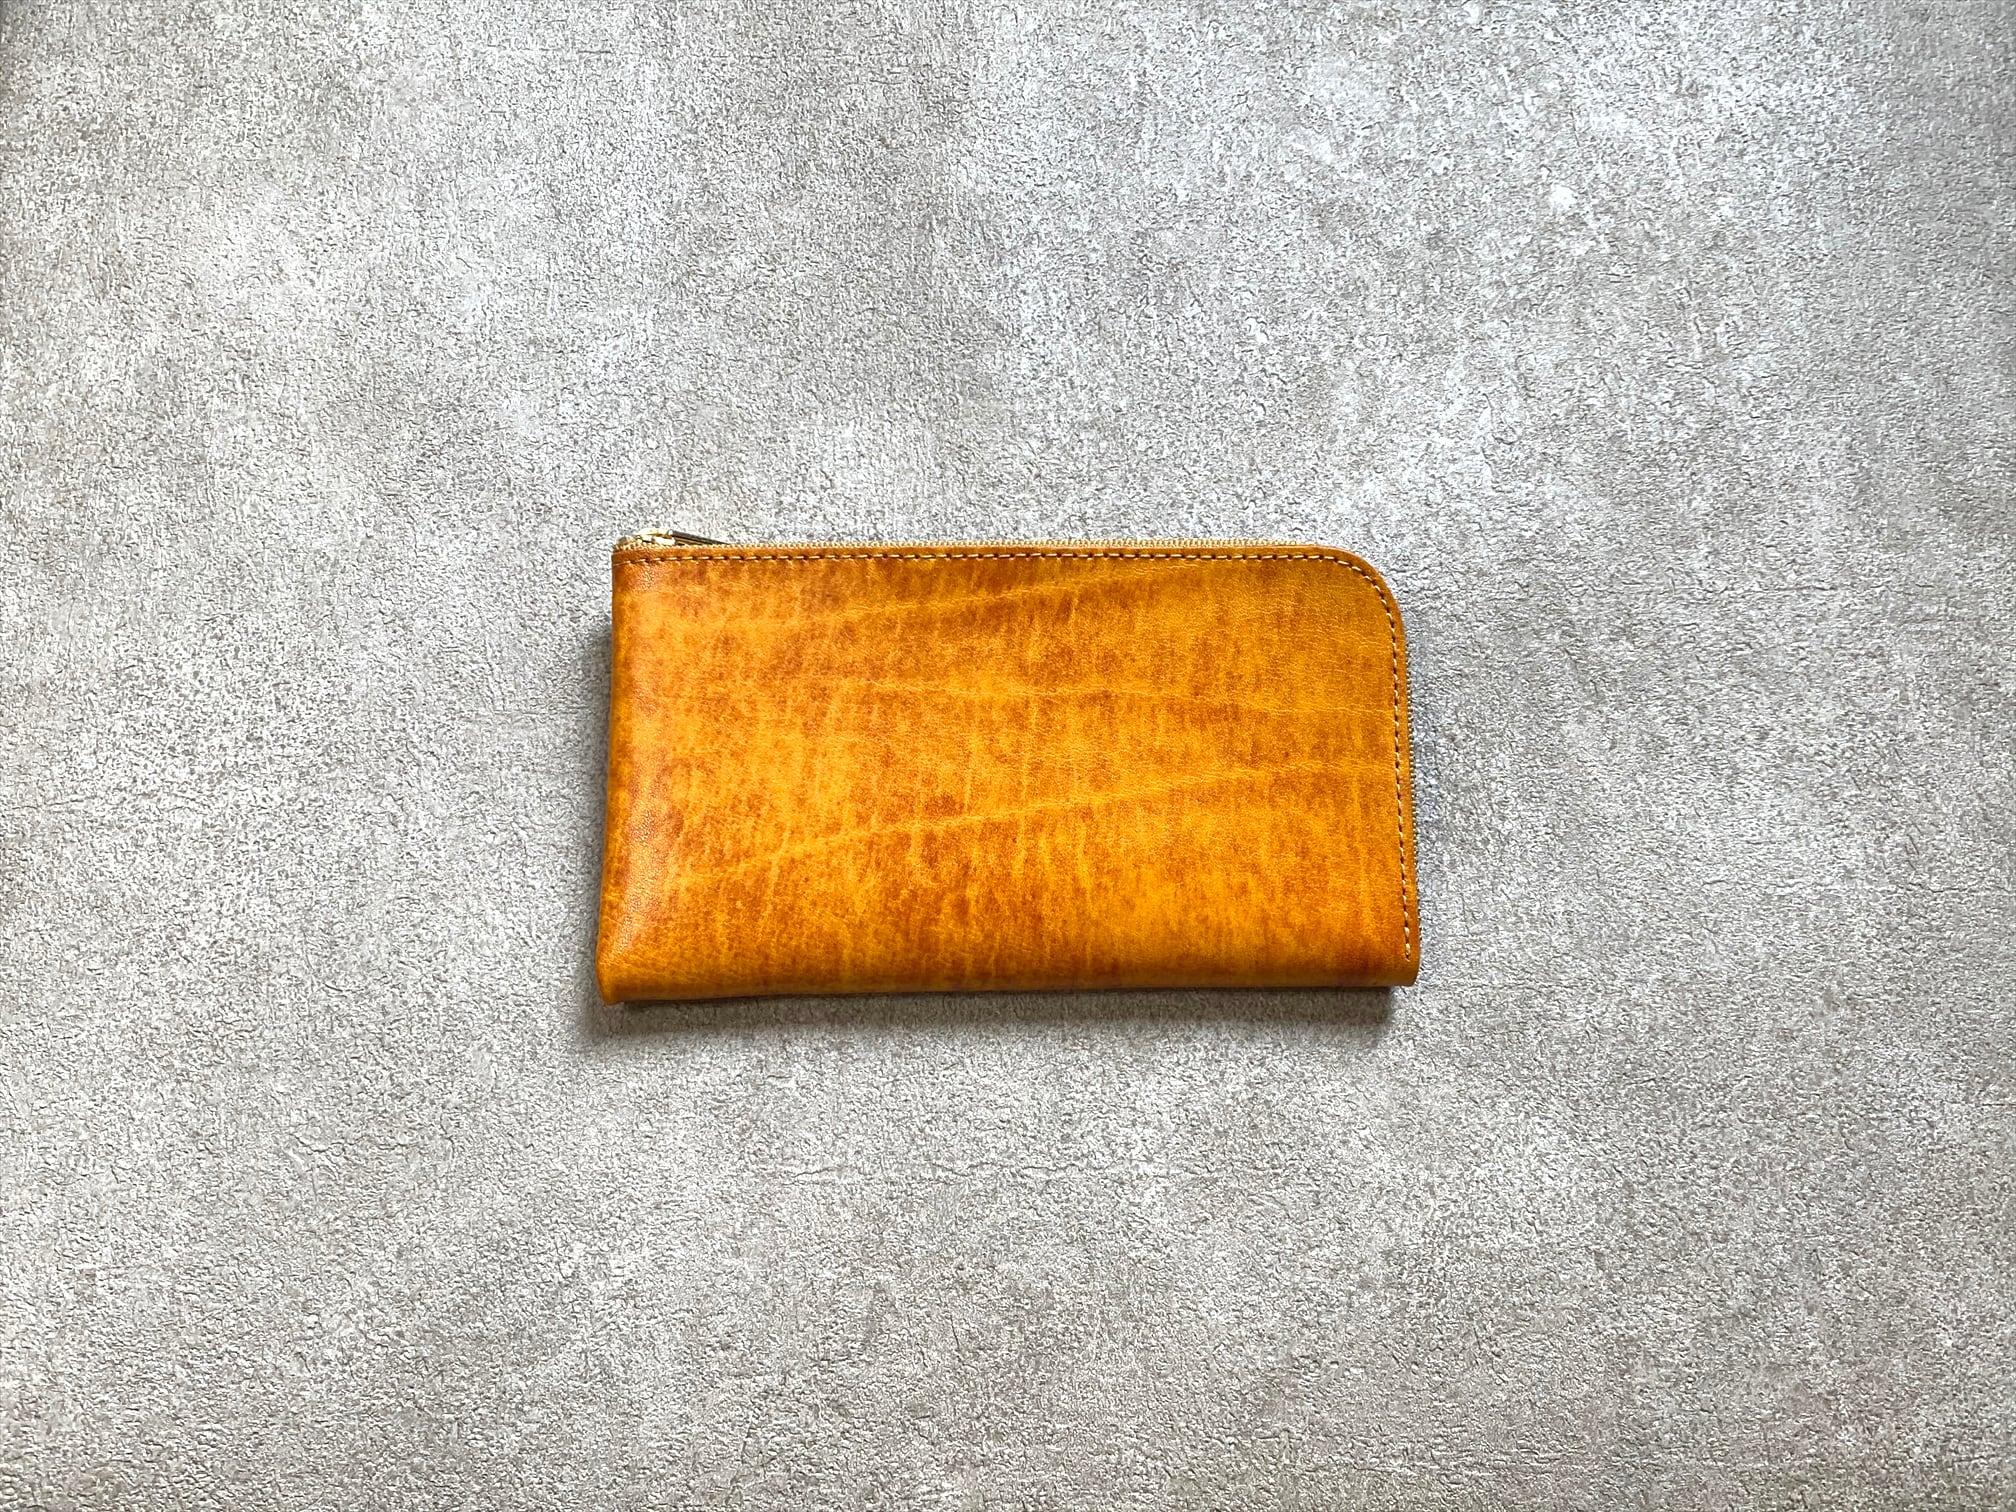 SHOZOウォレット(アニリン仕上げ):オレンジ ※「アジア・パシフィック・レザー・フェア2019」革小物部門グランプリ受賞商品